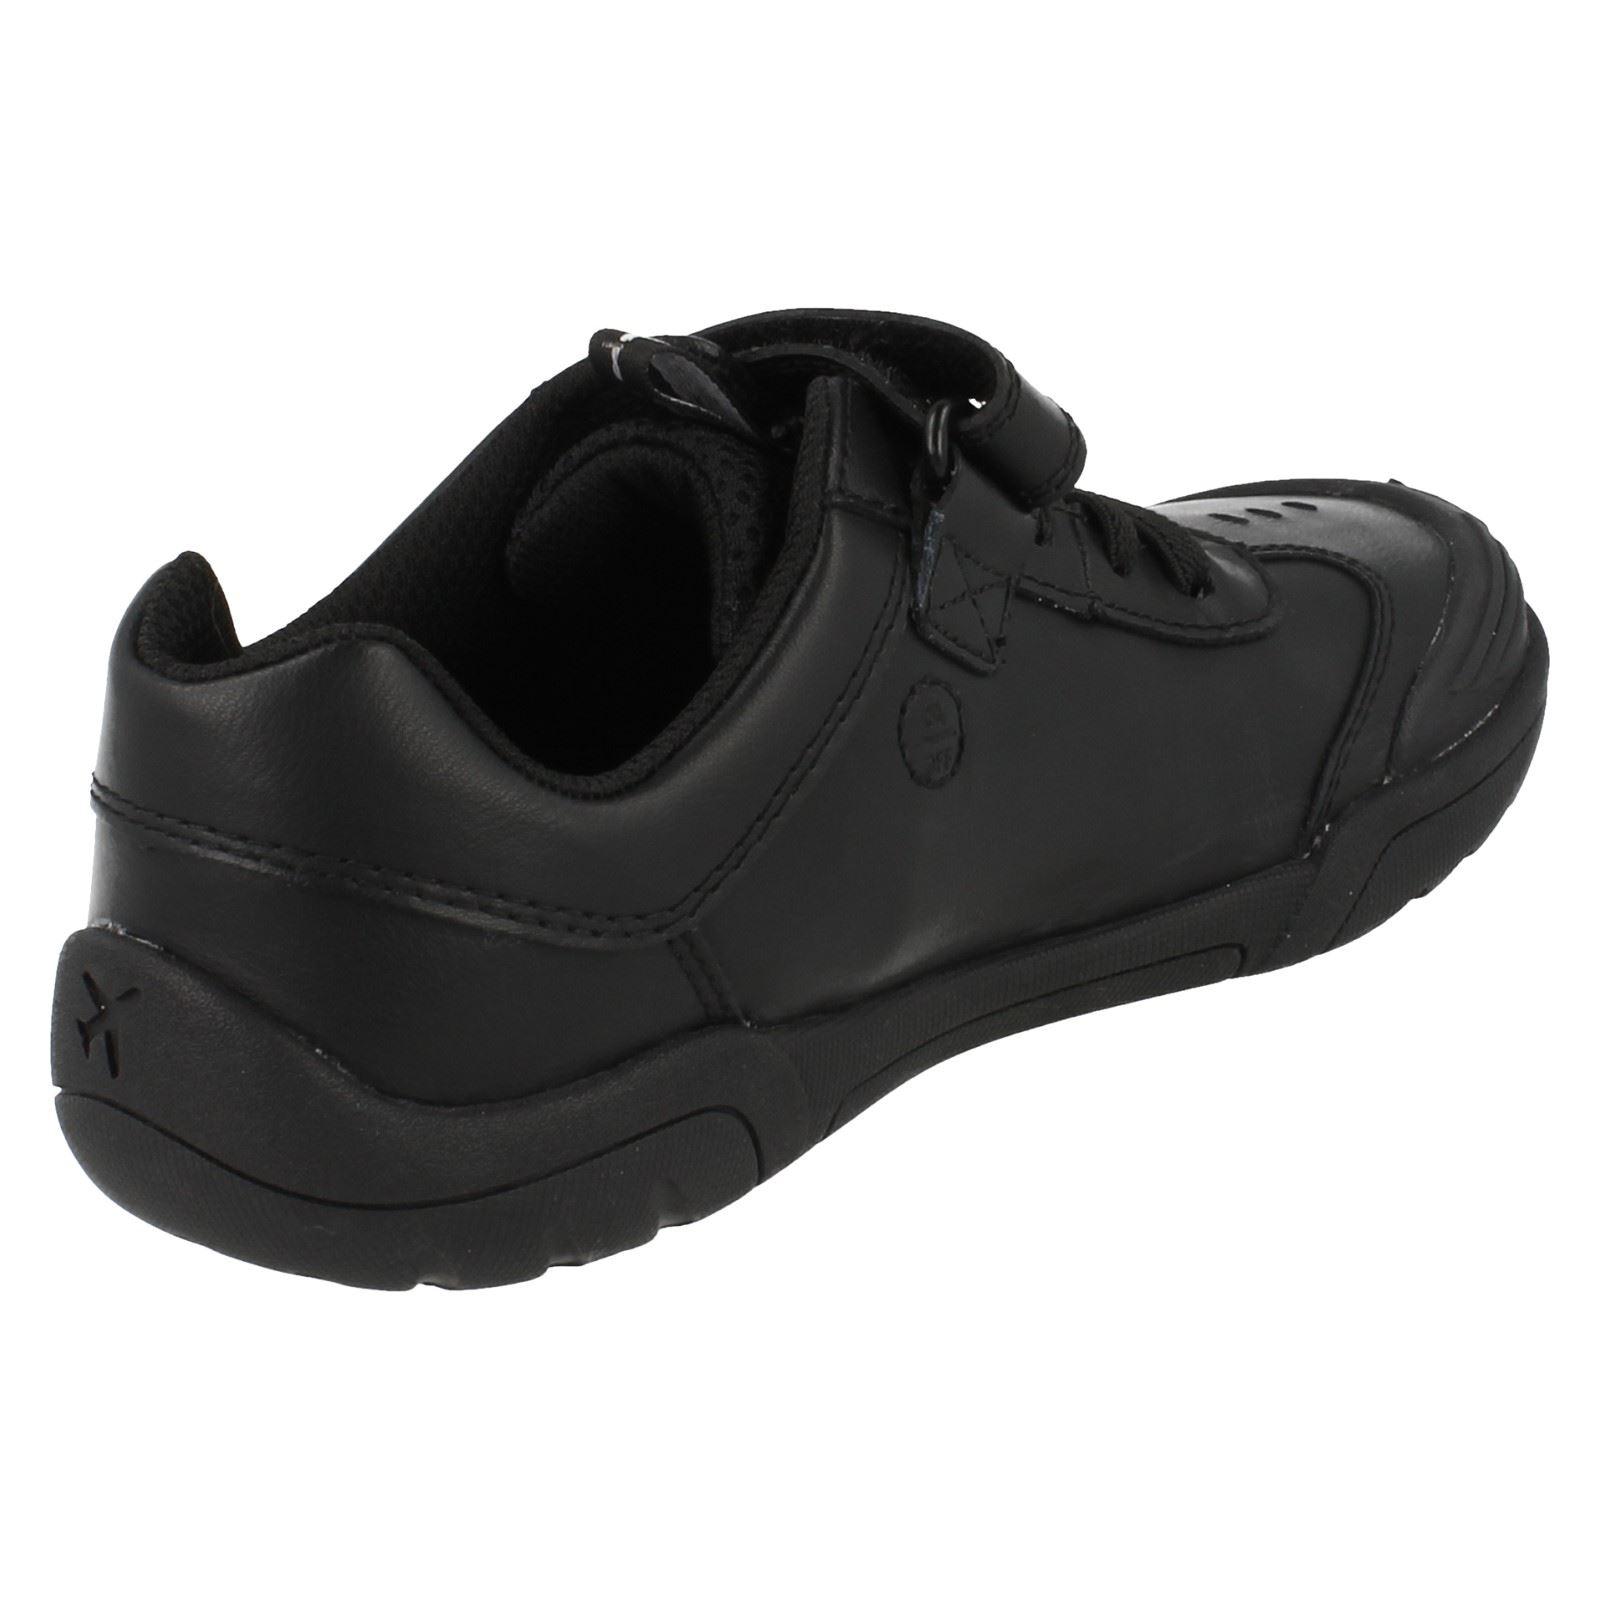 Boys Clarks School Shoes /'Wing Lite/'